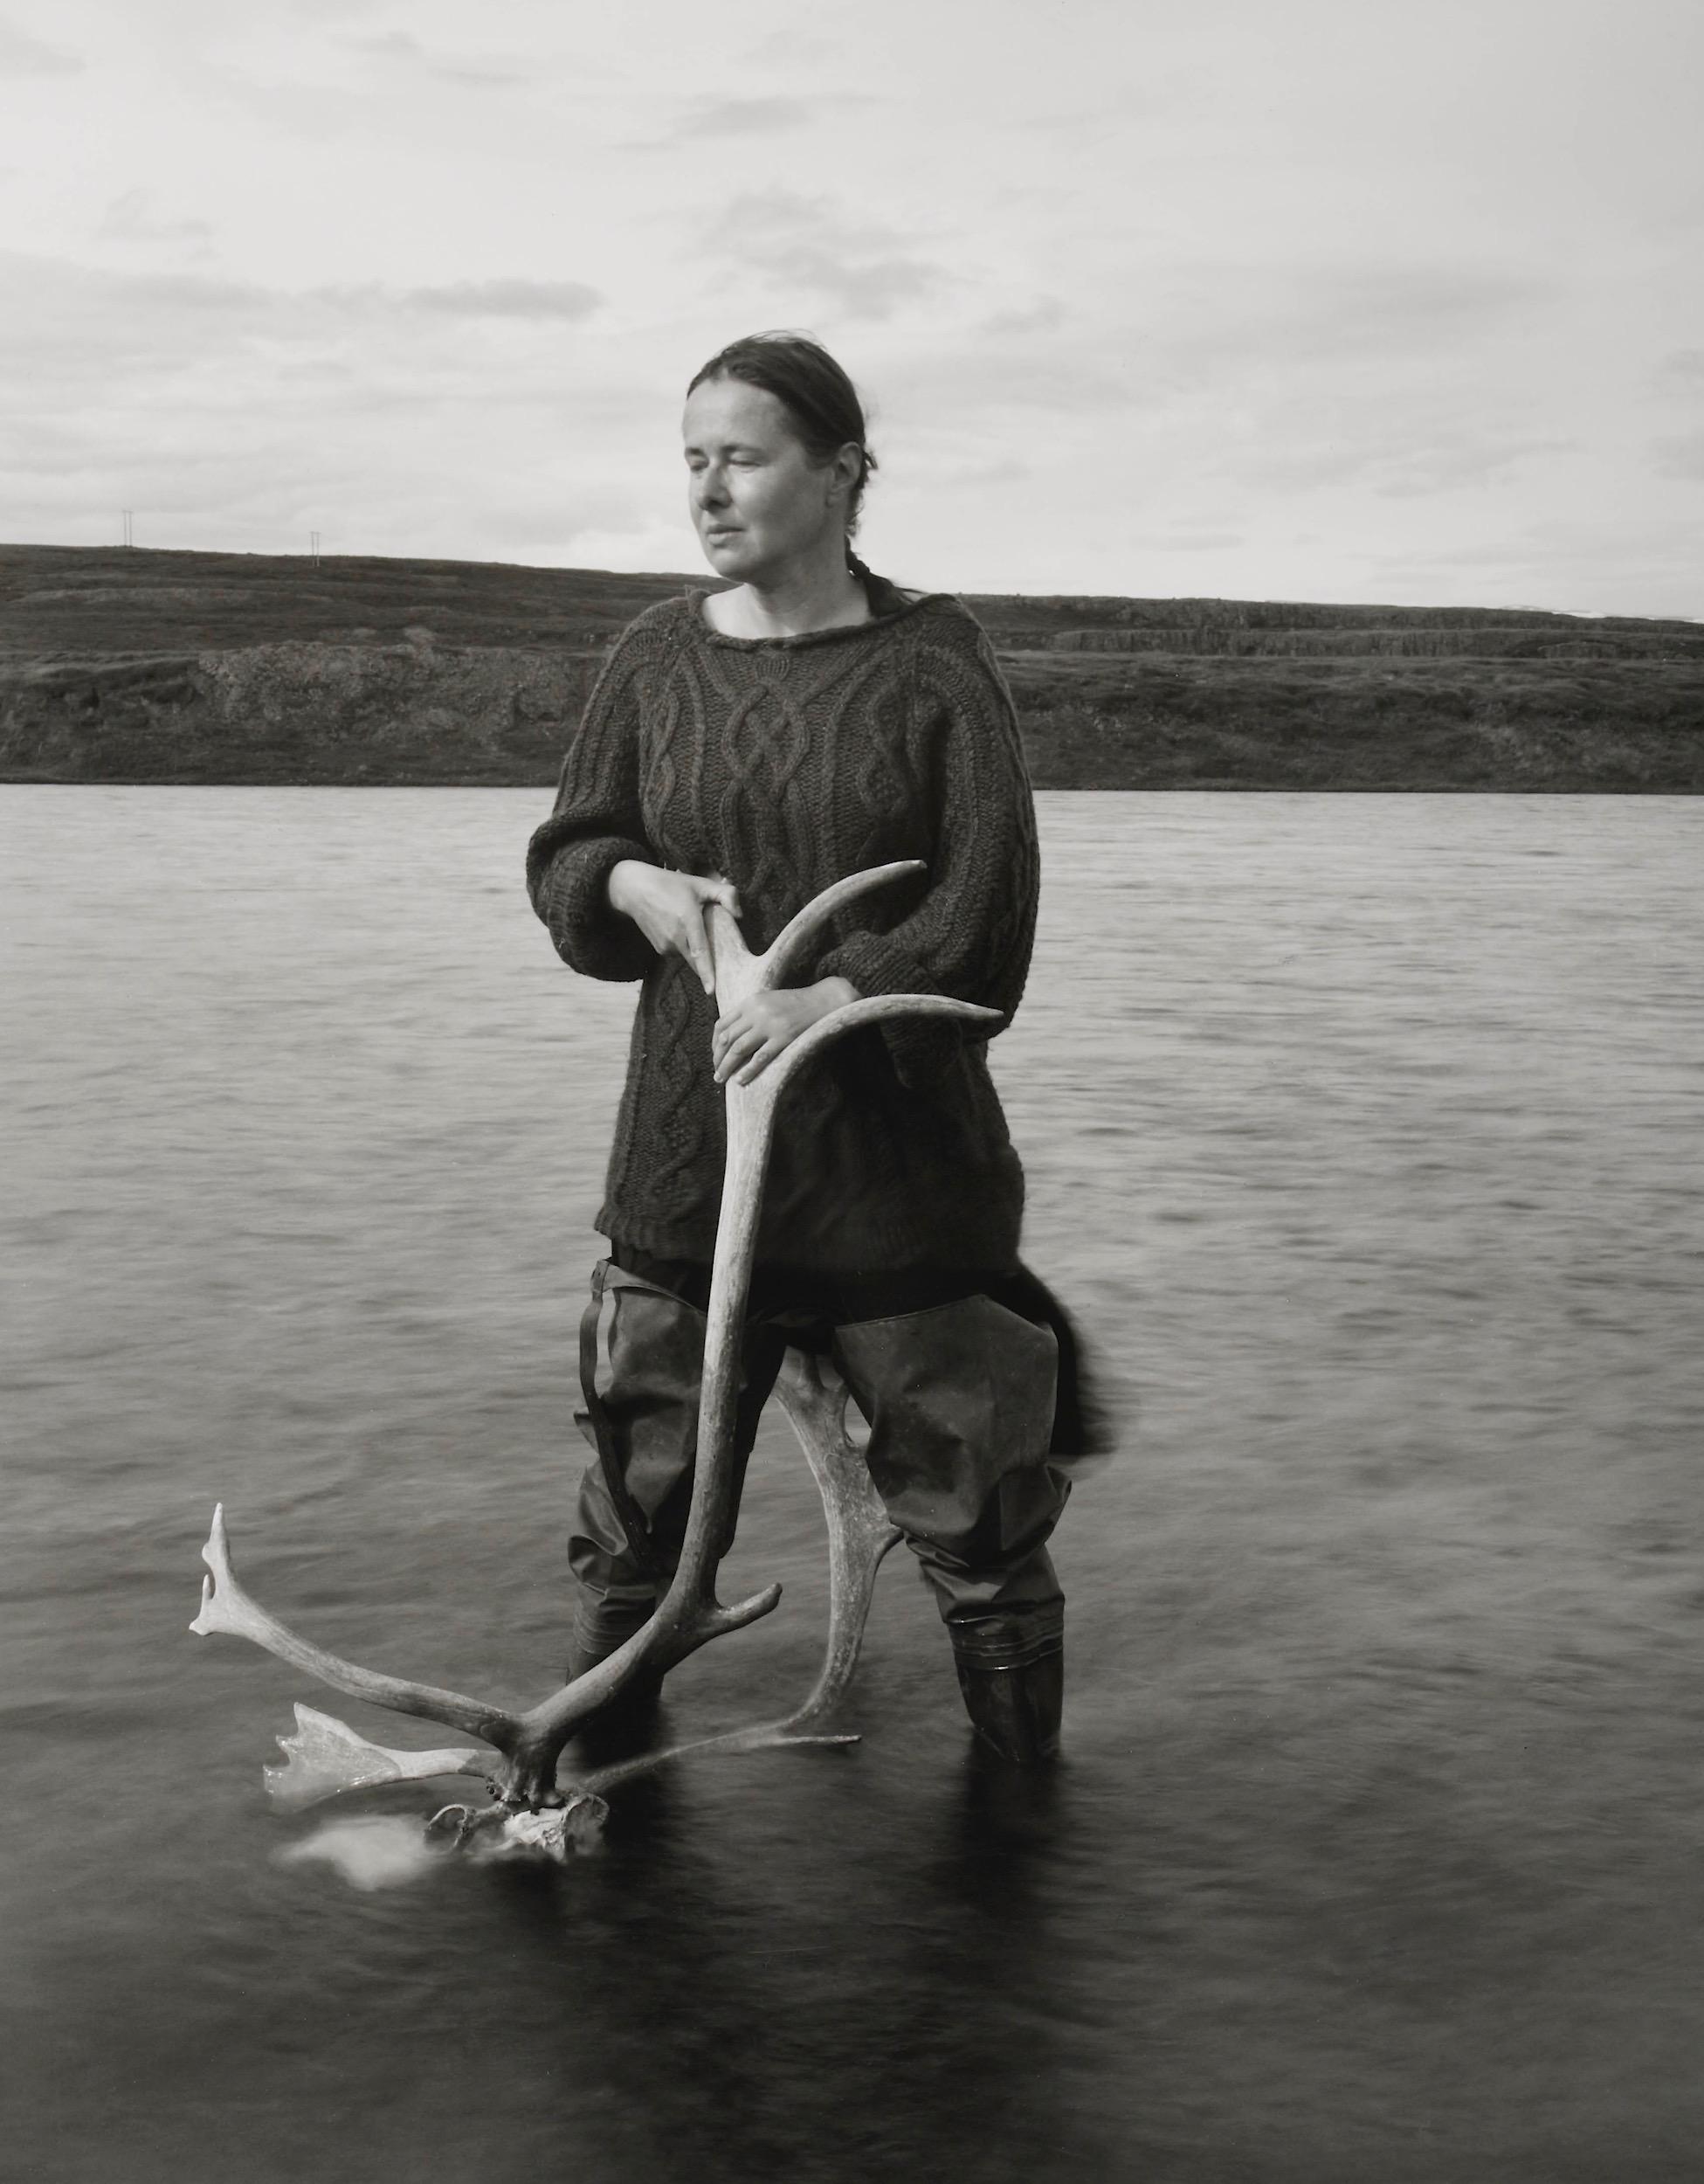 01_Wading. Self Portrait.Kleppjárnsstaðir, Iceland. 2018 .jpg